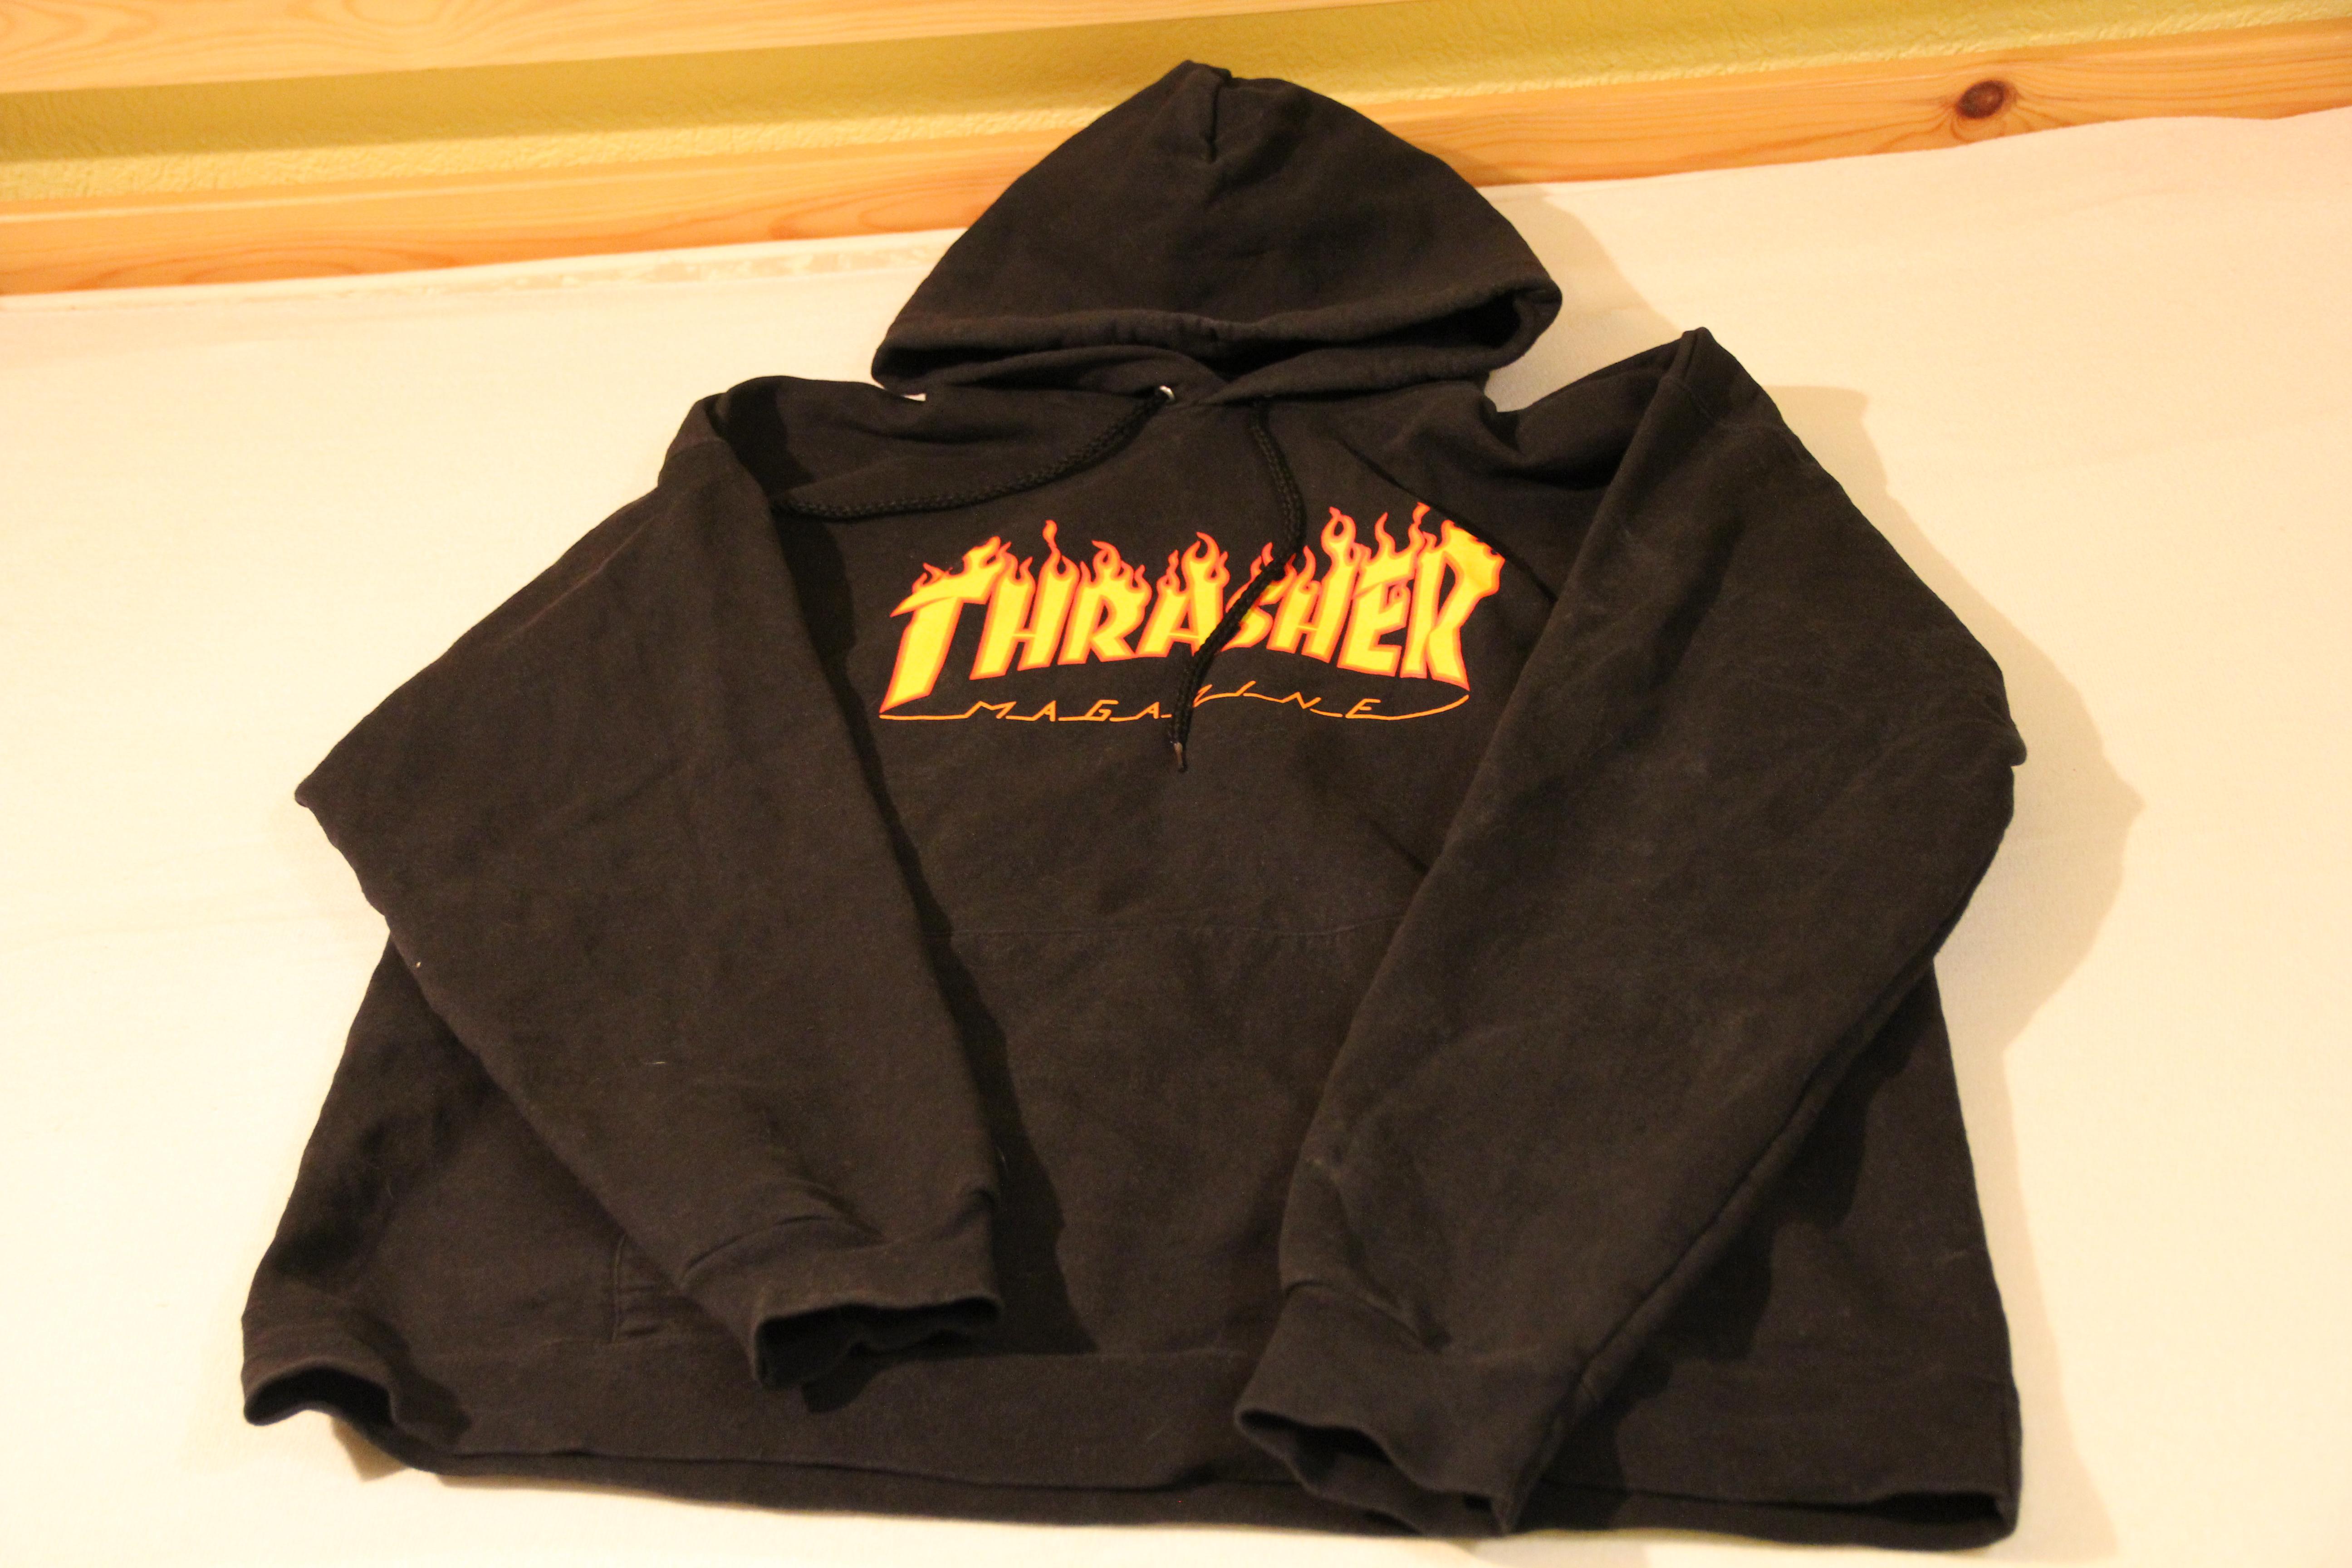 thrasher_burning.JPG